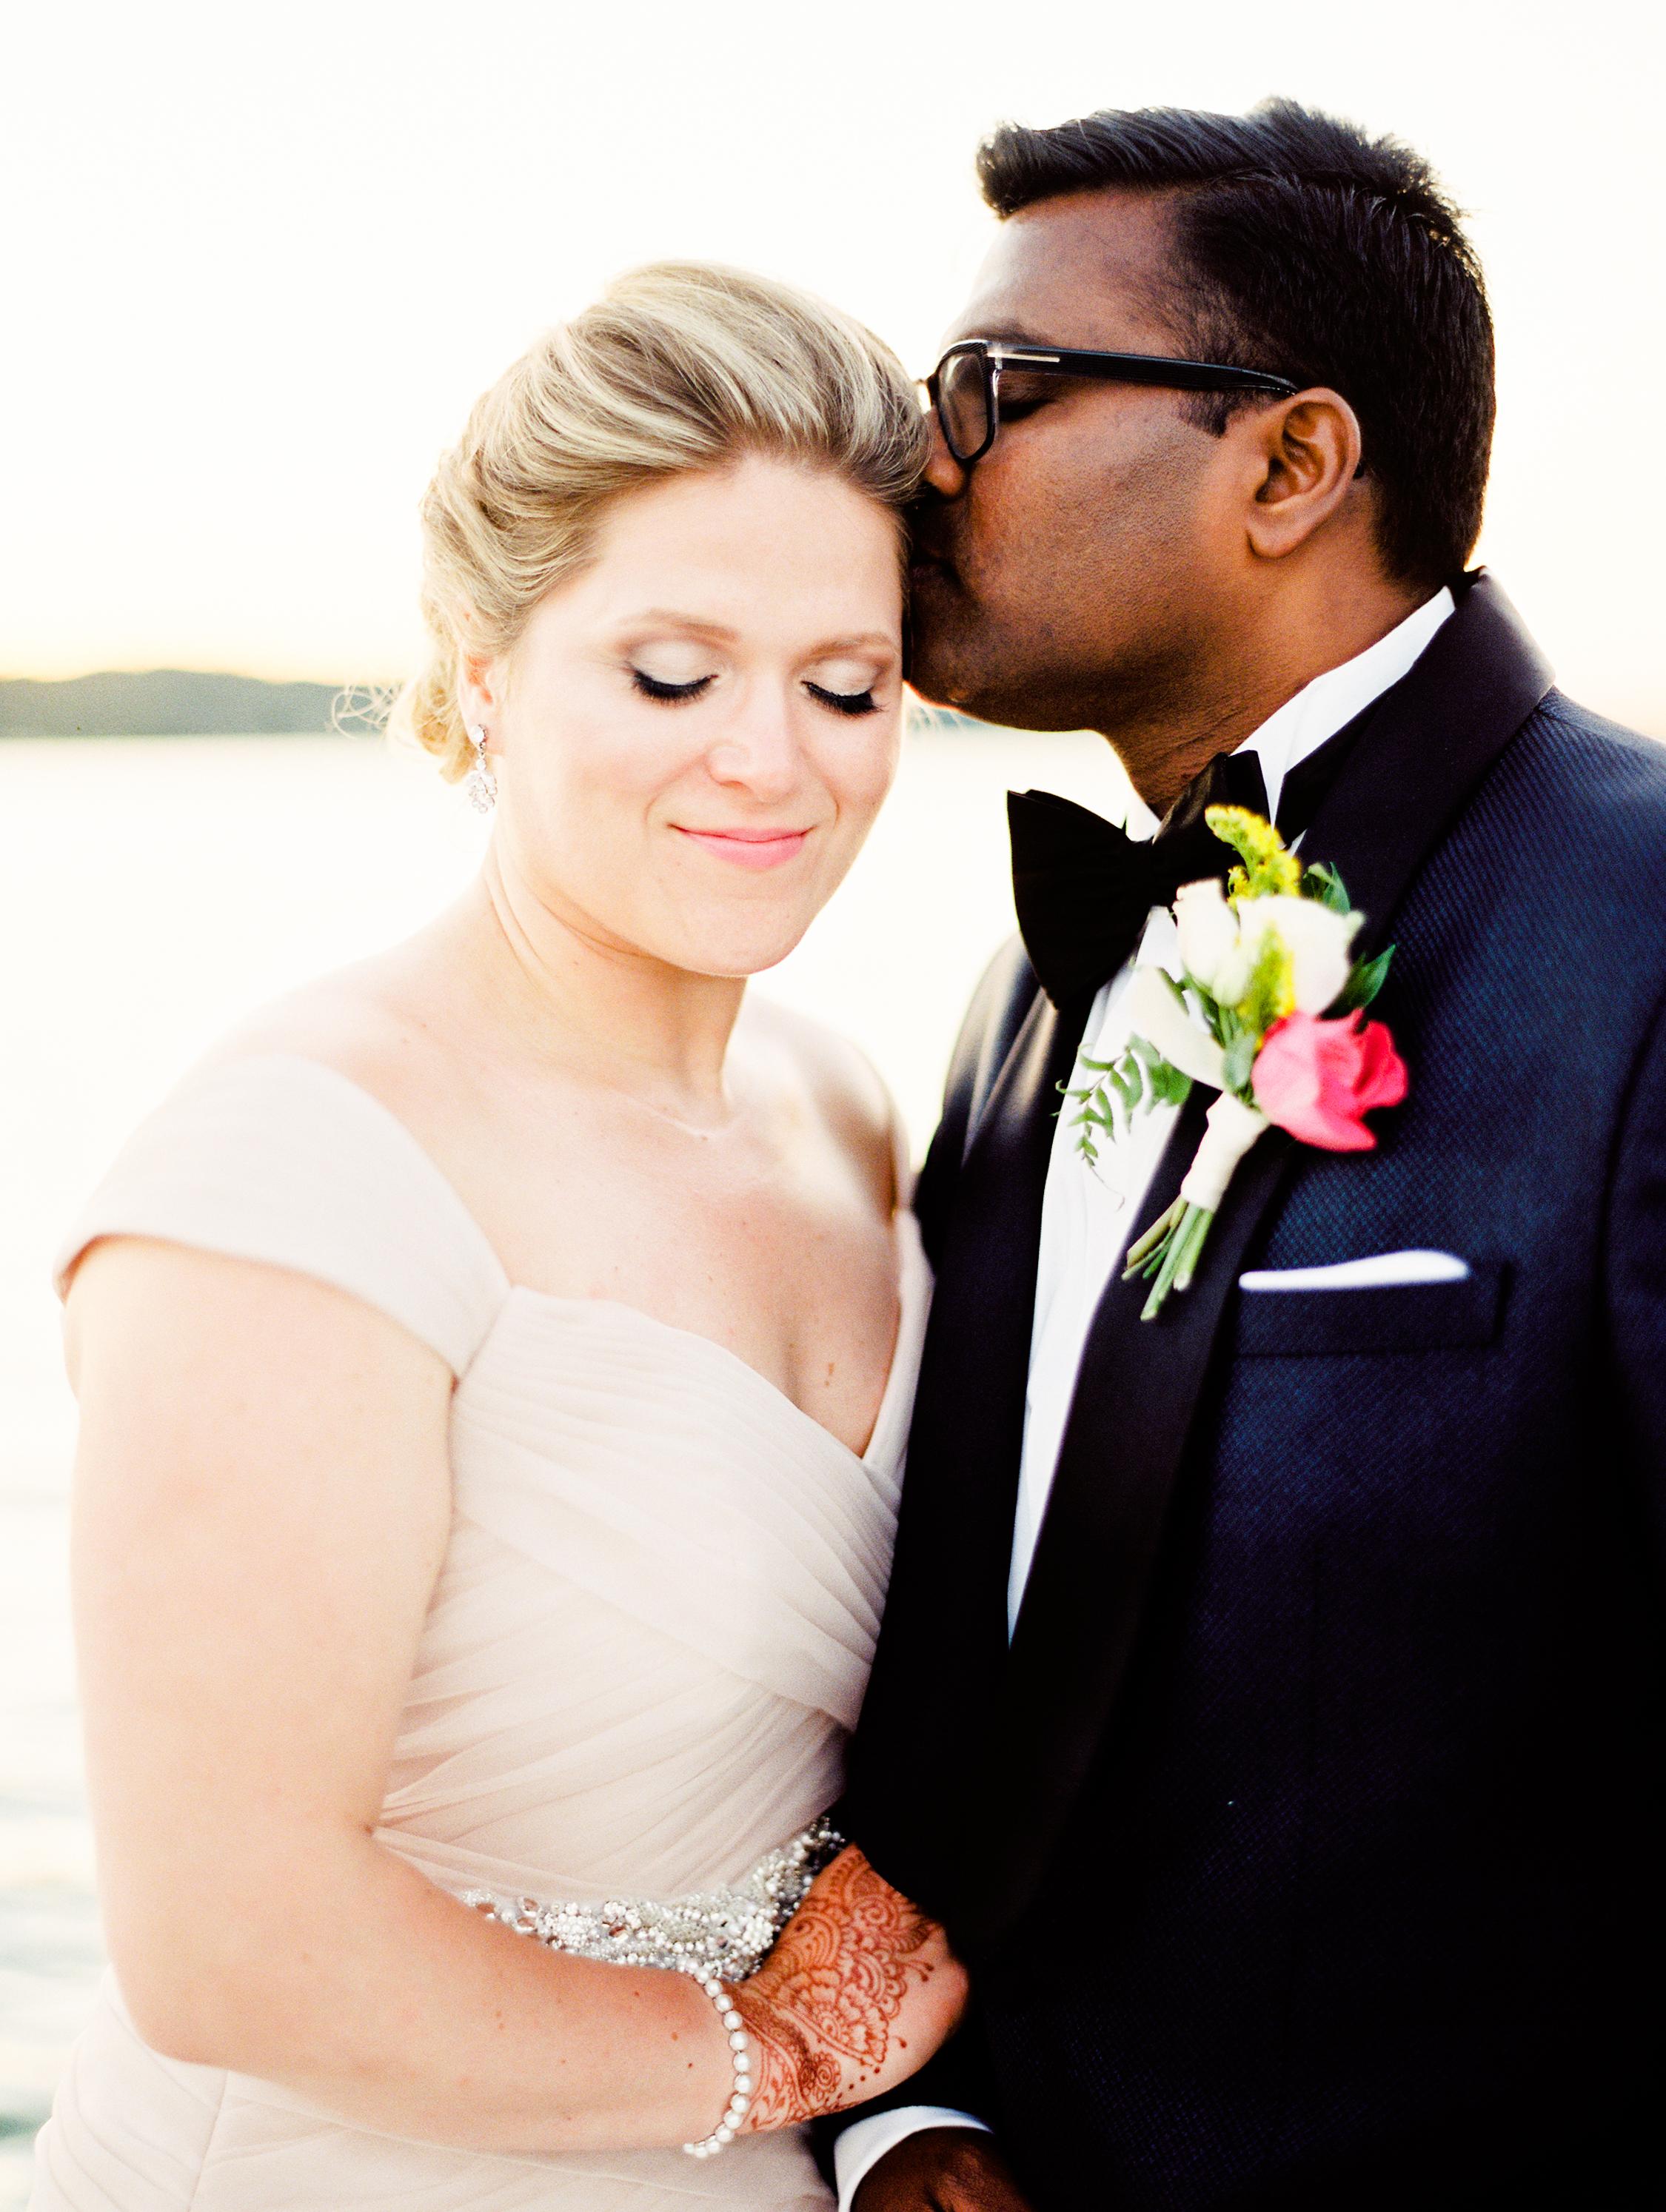 Govathoti+Wedding+Reception+BridalParty-57.jpg